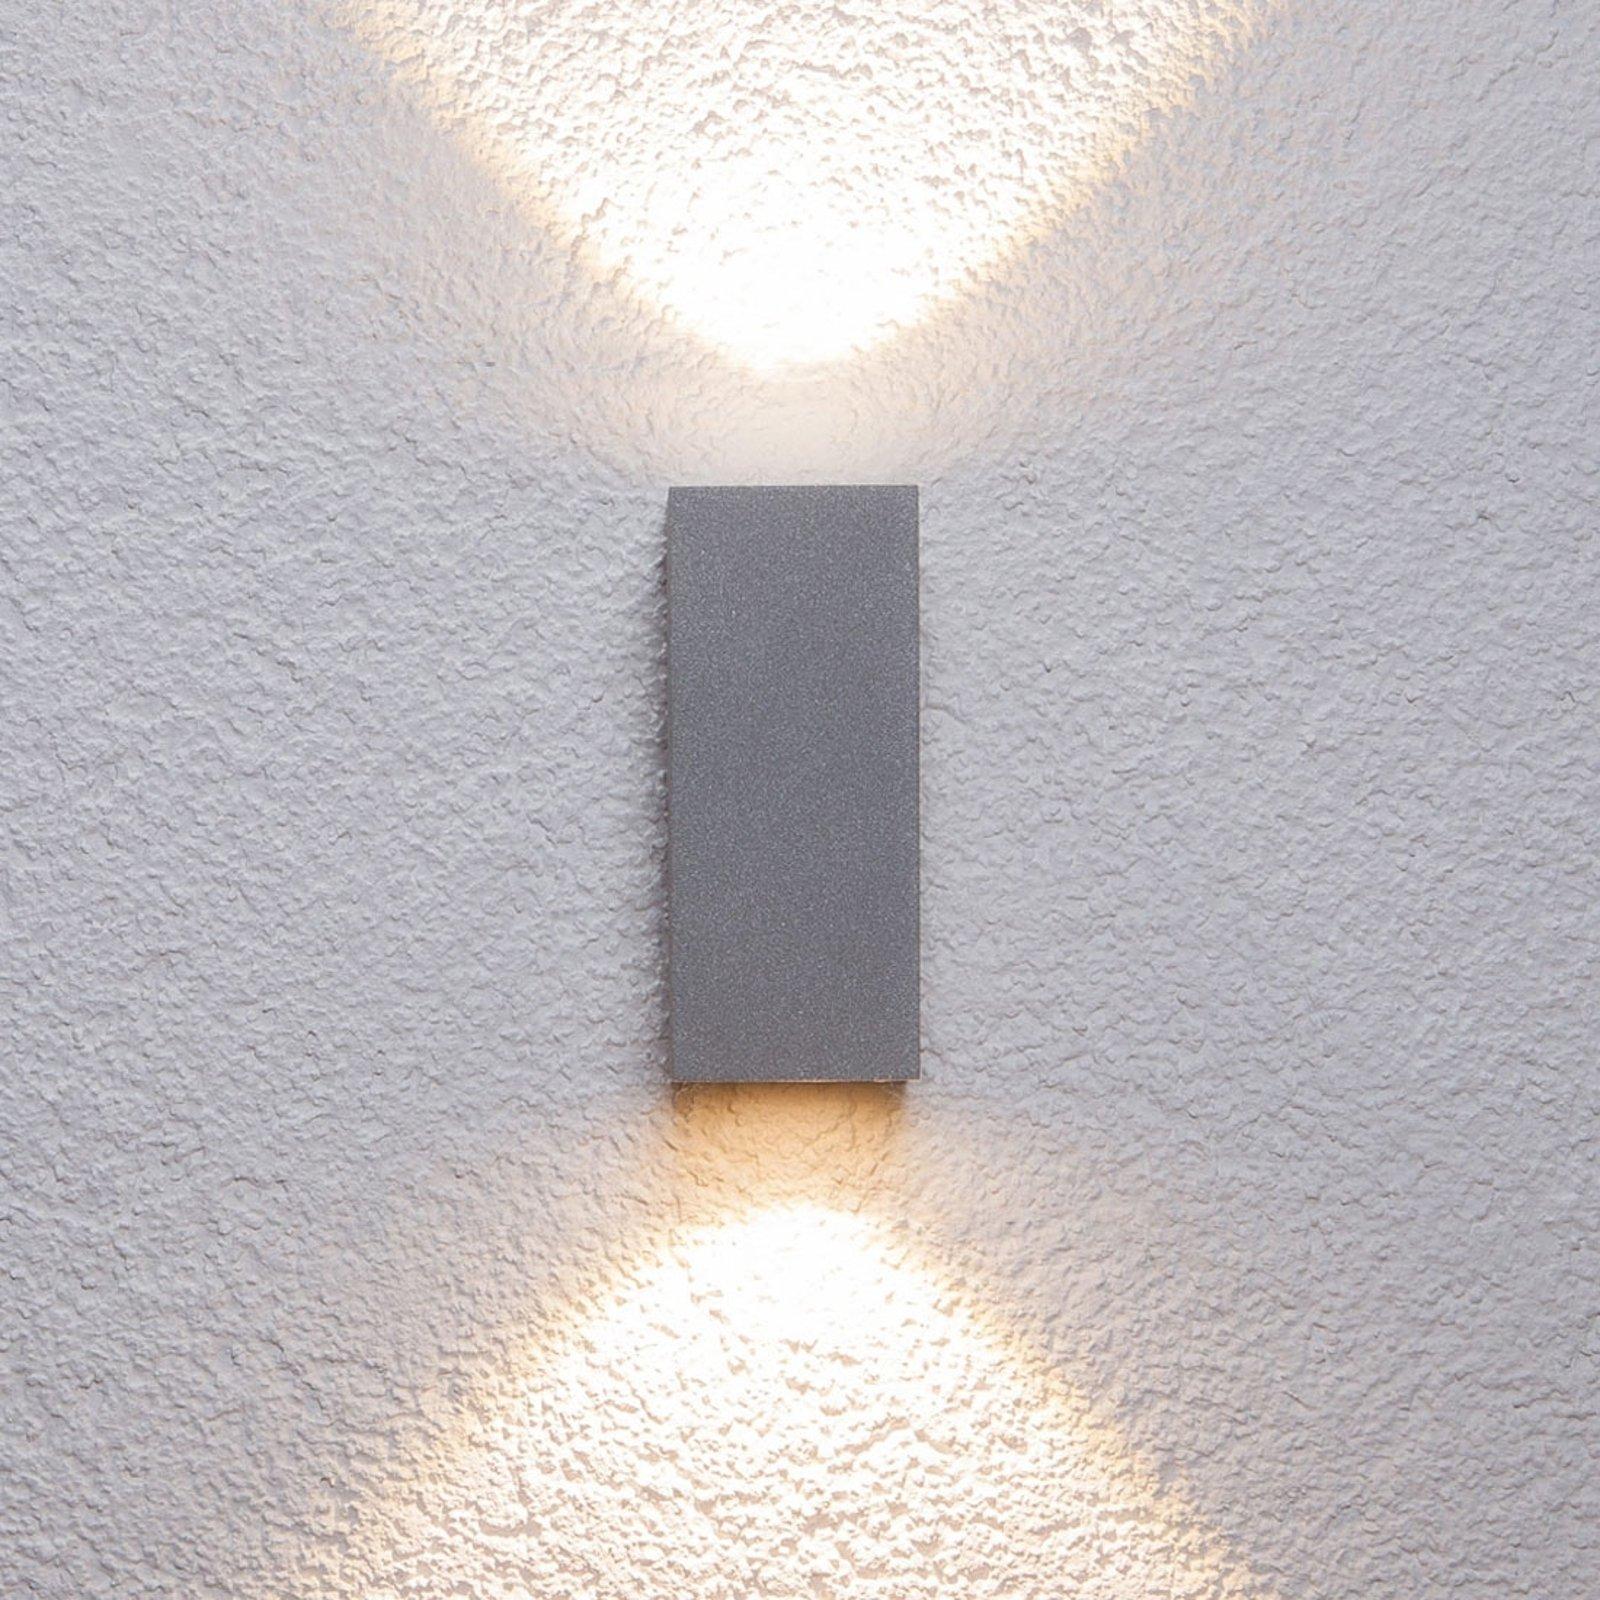 Sølvfarget utevegglampe Tavi med Bridgelux LED-lys